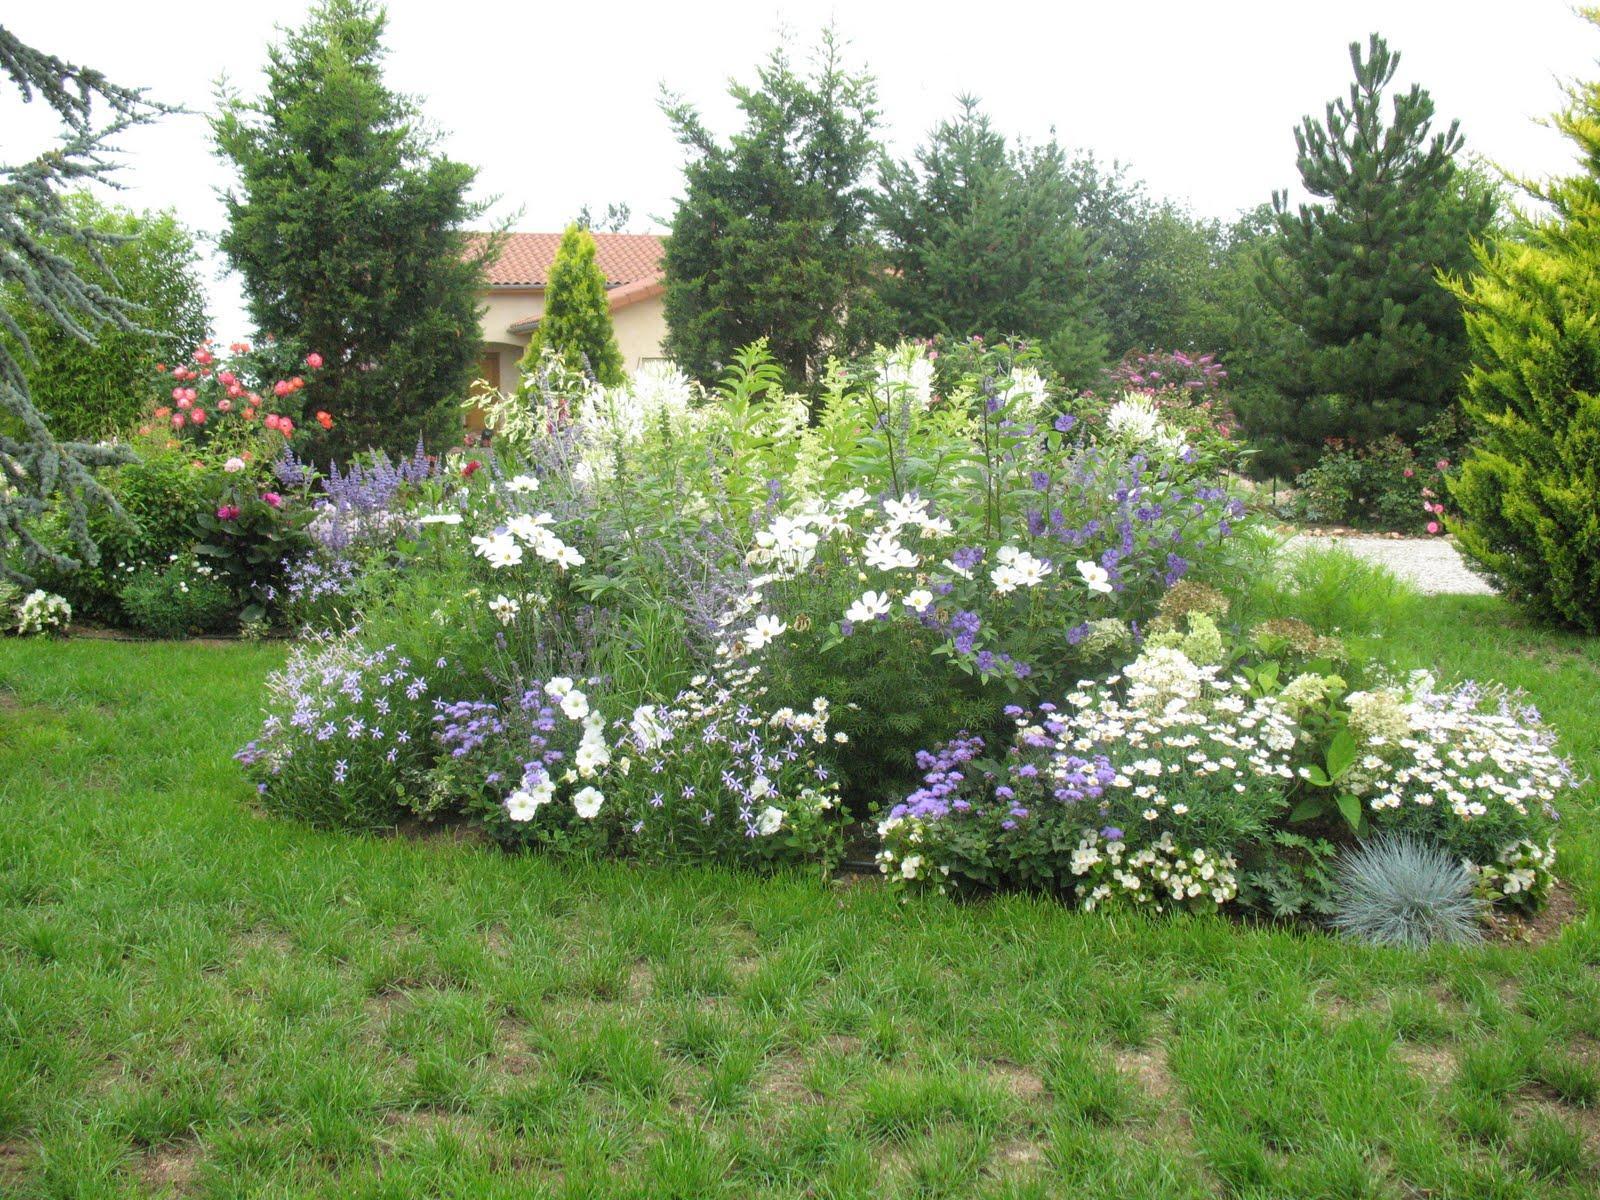 Záhrada,ktorá ťa nikdy neomrzí...divoká a krásna - Obrázok č. 112